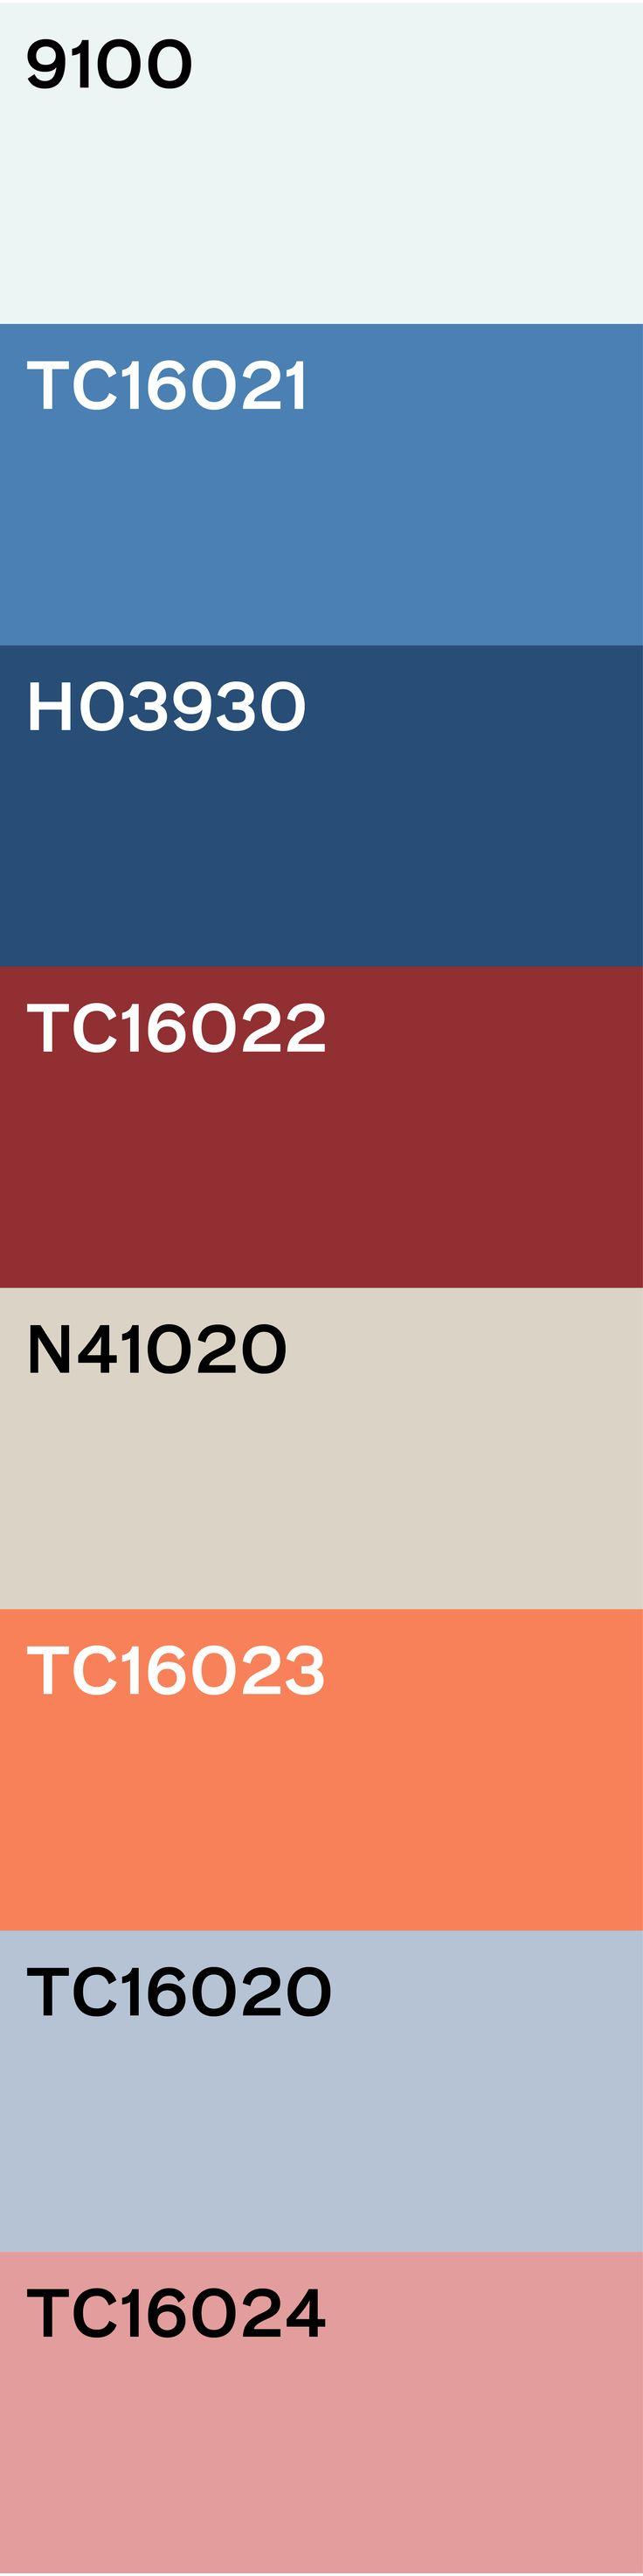 Traditie & Toekomst: Rood wit blauw in een modern jasje. Dit traditionele kleurenpalet krijgt een zeer stoere uitstraling met de metalen blauwe achtergrond in combinatie met de industriële accessoires en denim stoelbekleding. De toekomst komt naar voren in de rood-wit print op het kussen en in het grafische spel van het doorgestikte leer van de fauteuil. Het karpet zorgt voor samenspraak tussen de kleuren.